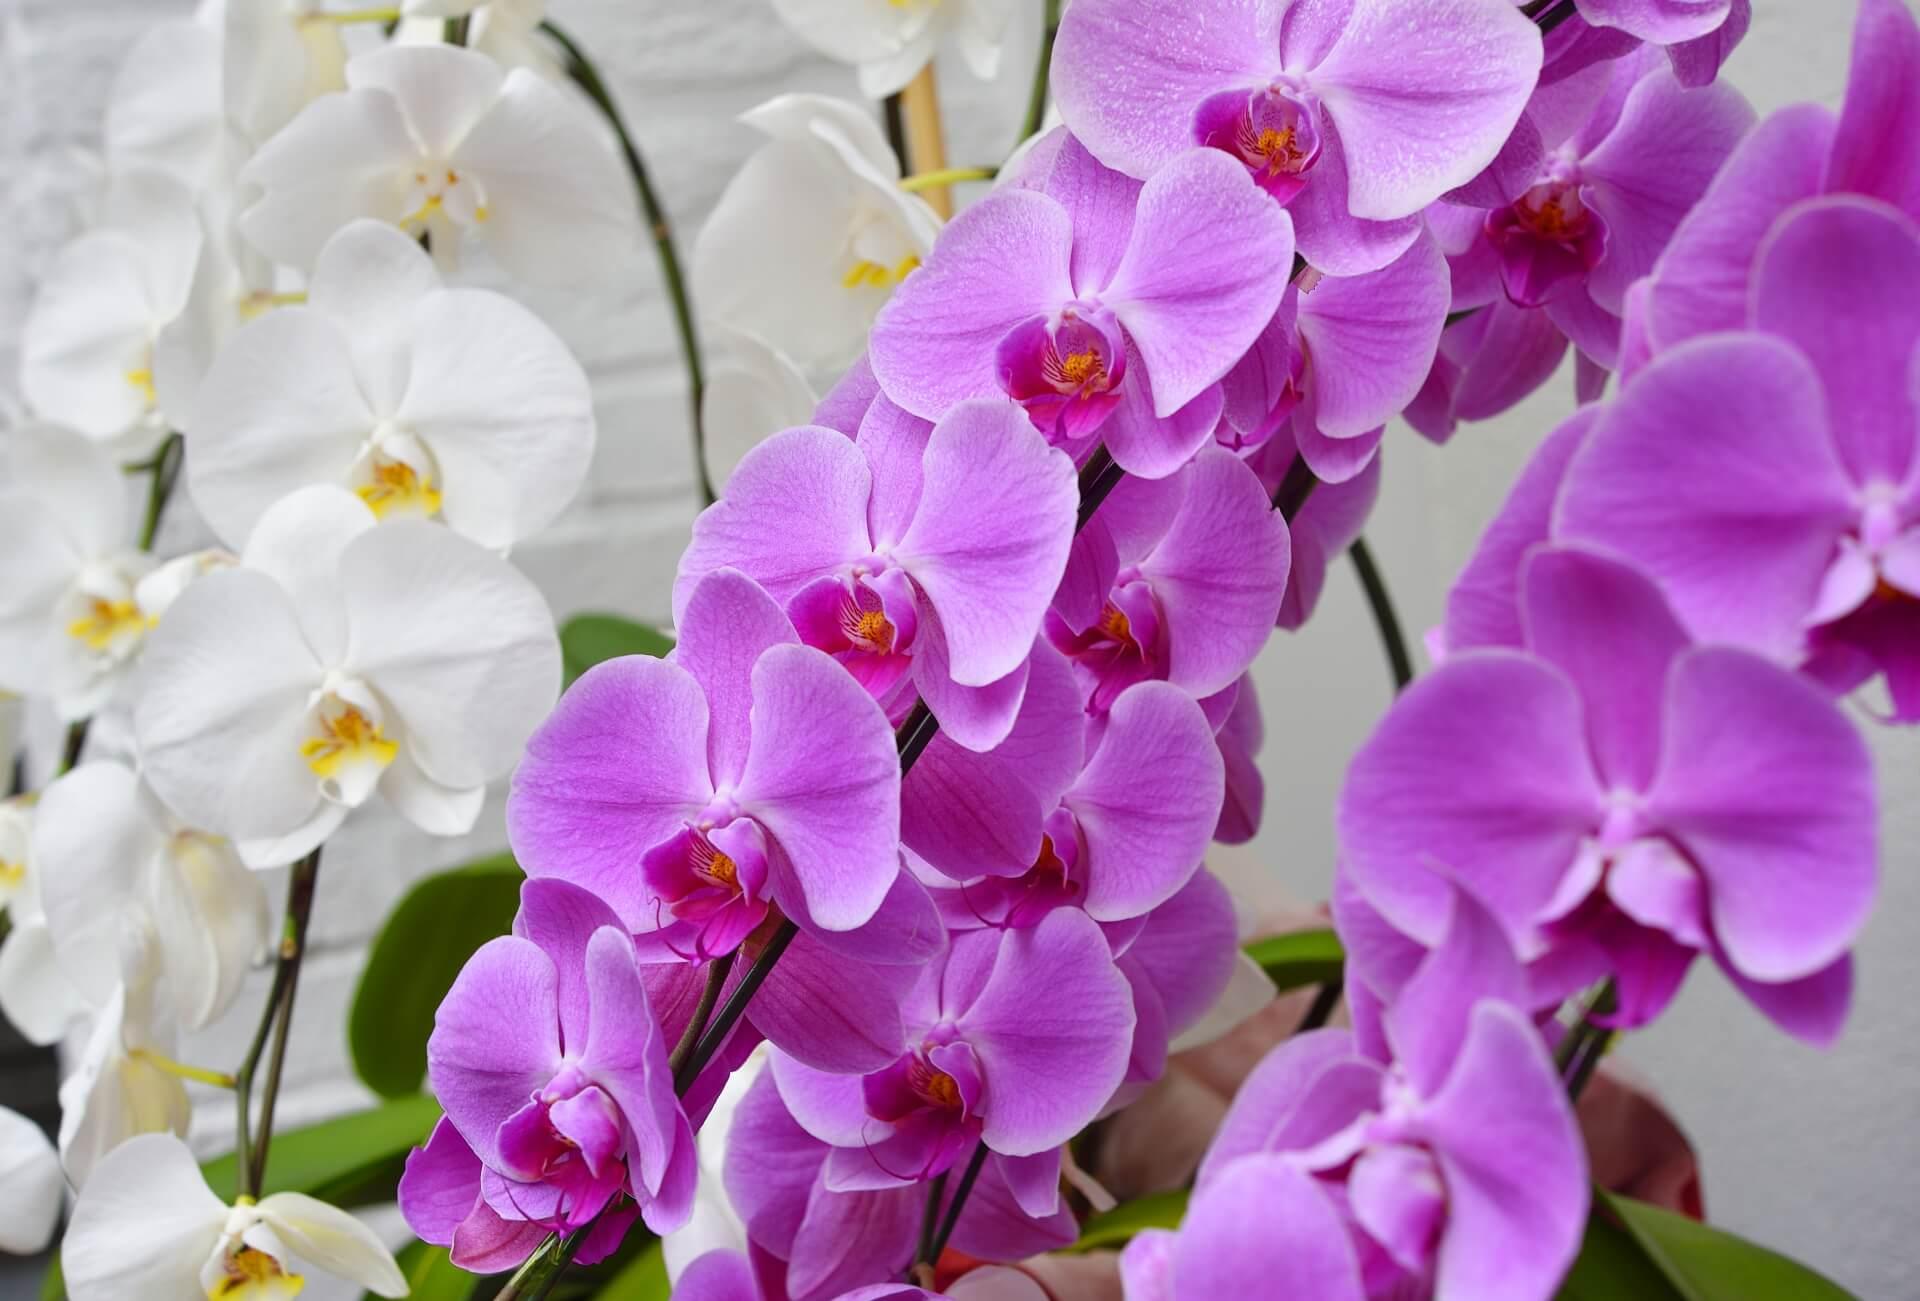 母の日に花を贈るなら、胡蝶蘭もおすすめ